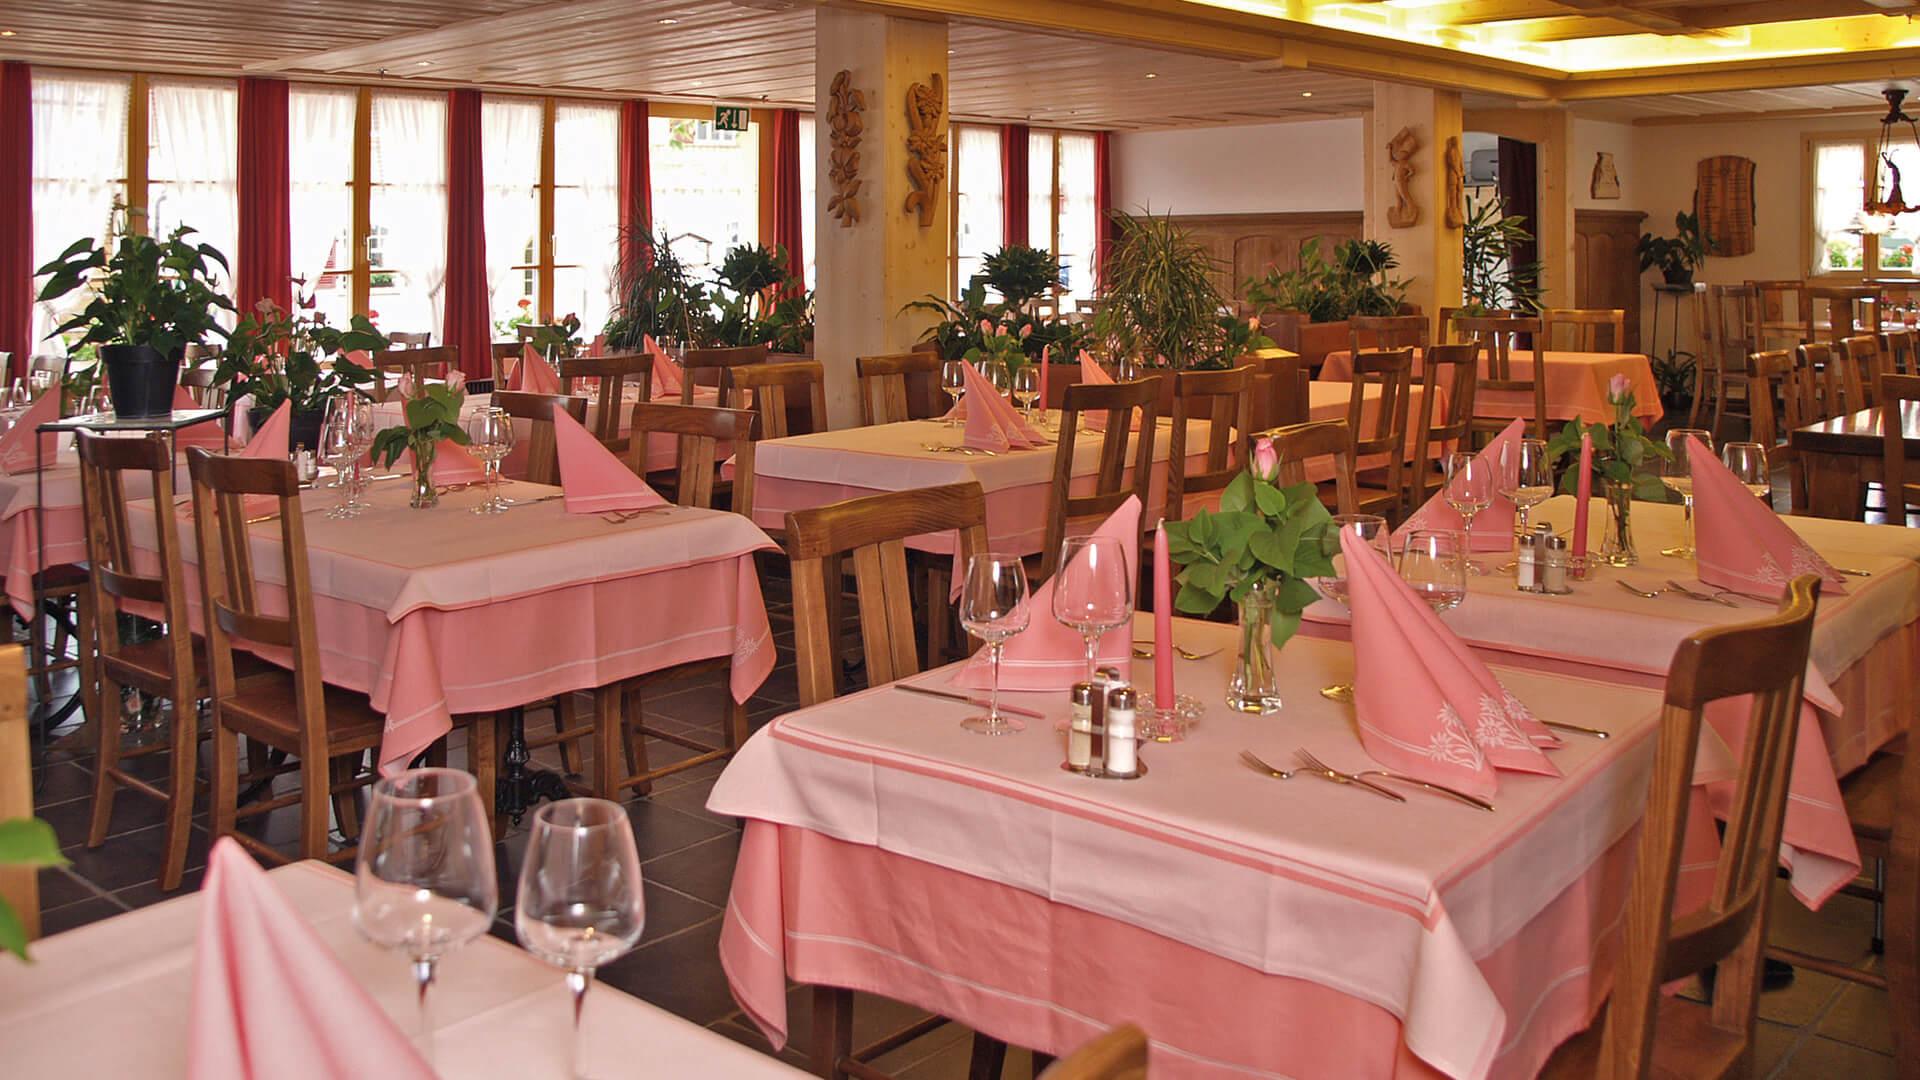 brienzersee-steinbock-speisesaal